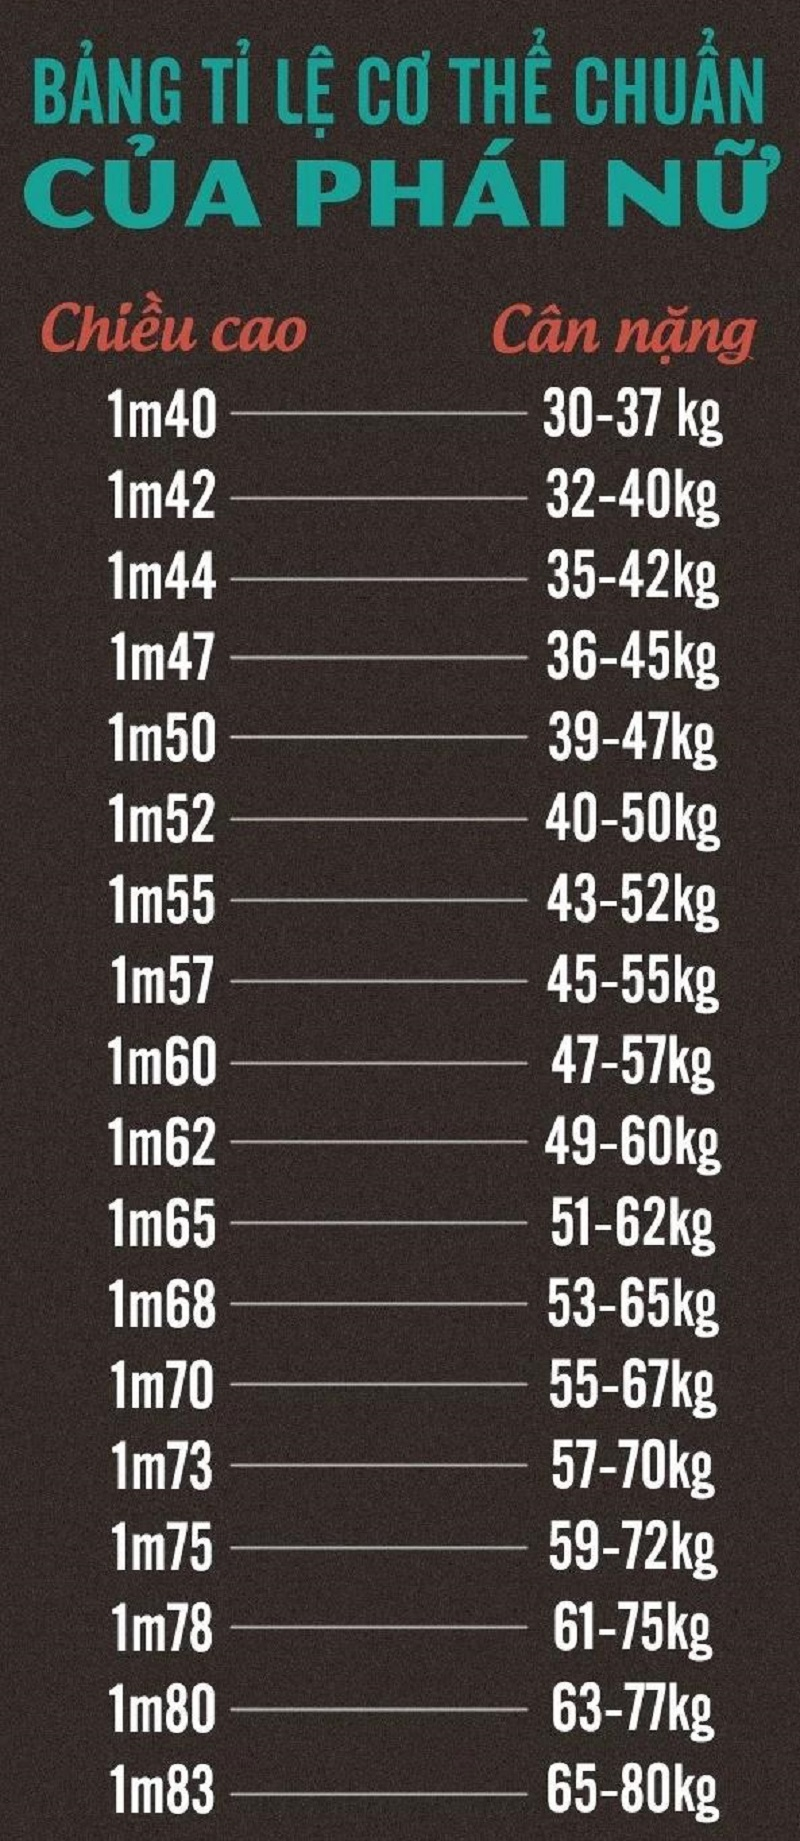 Bảng chiều cao cân nặng chuẩn